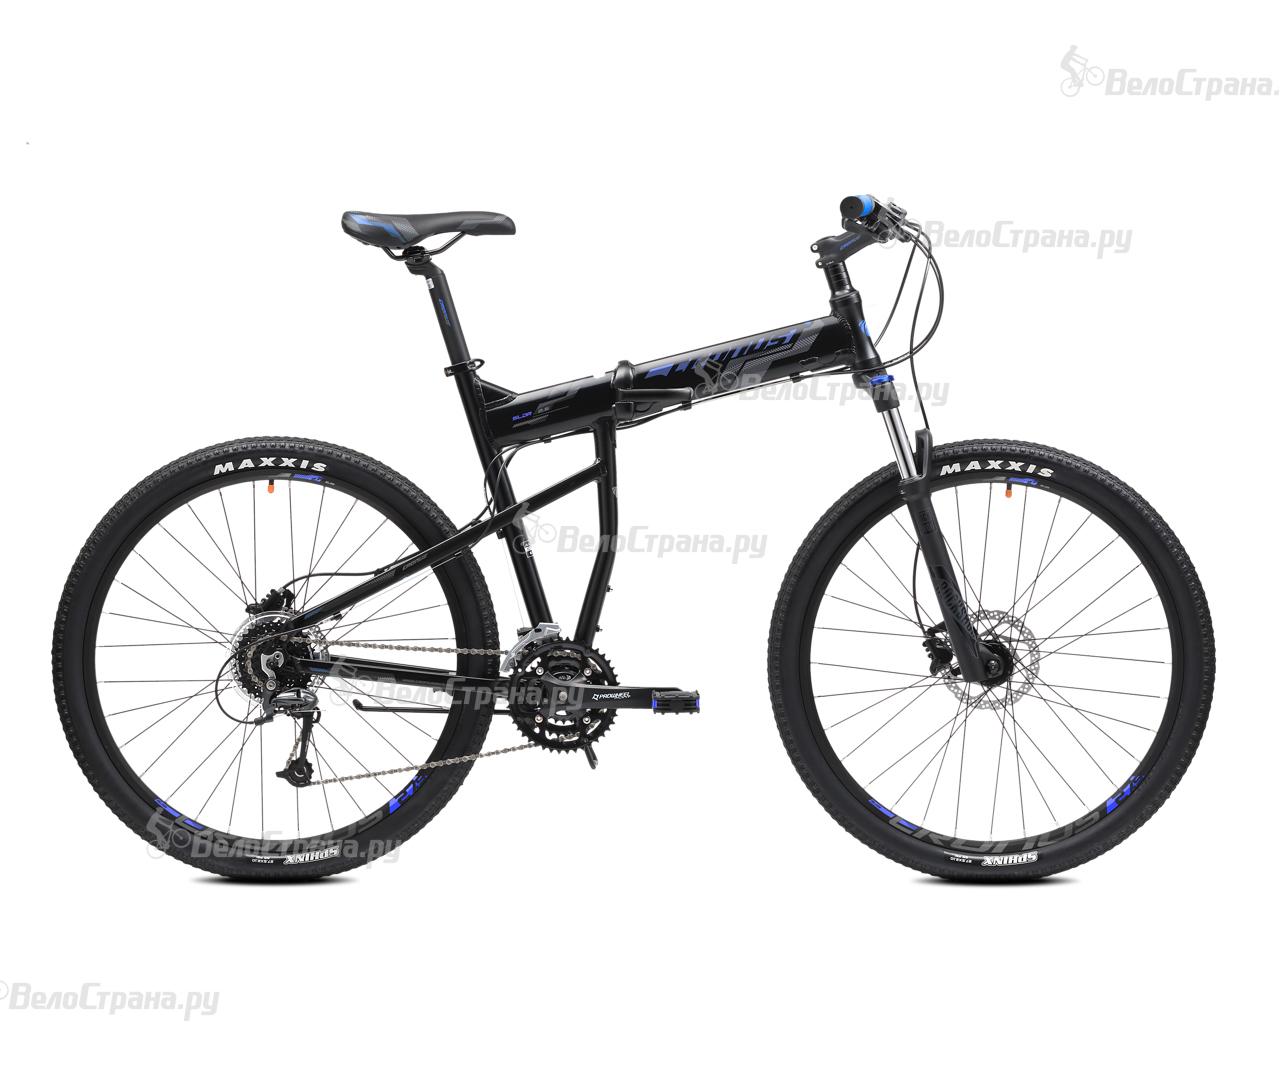 Велосипед Cronus Soldier 2.5 27.5 (2018) велосипед cronus soldier 1 5 2014